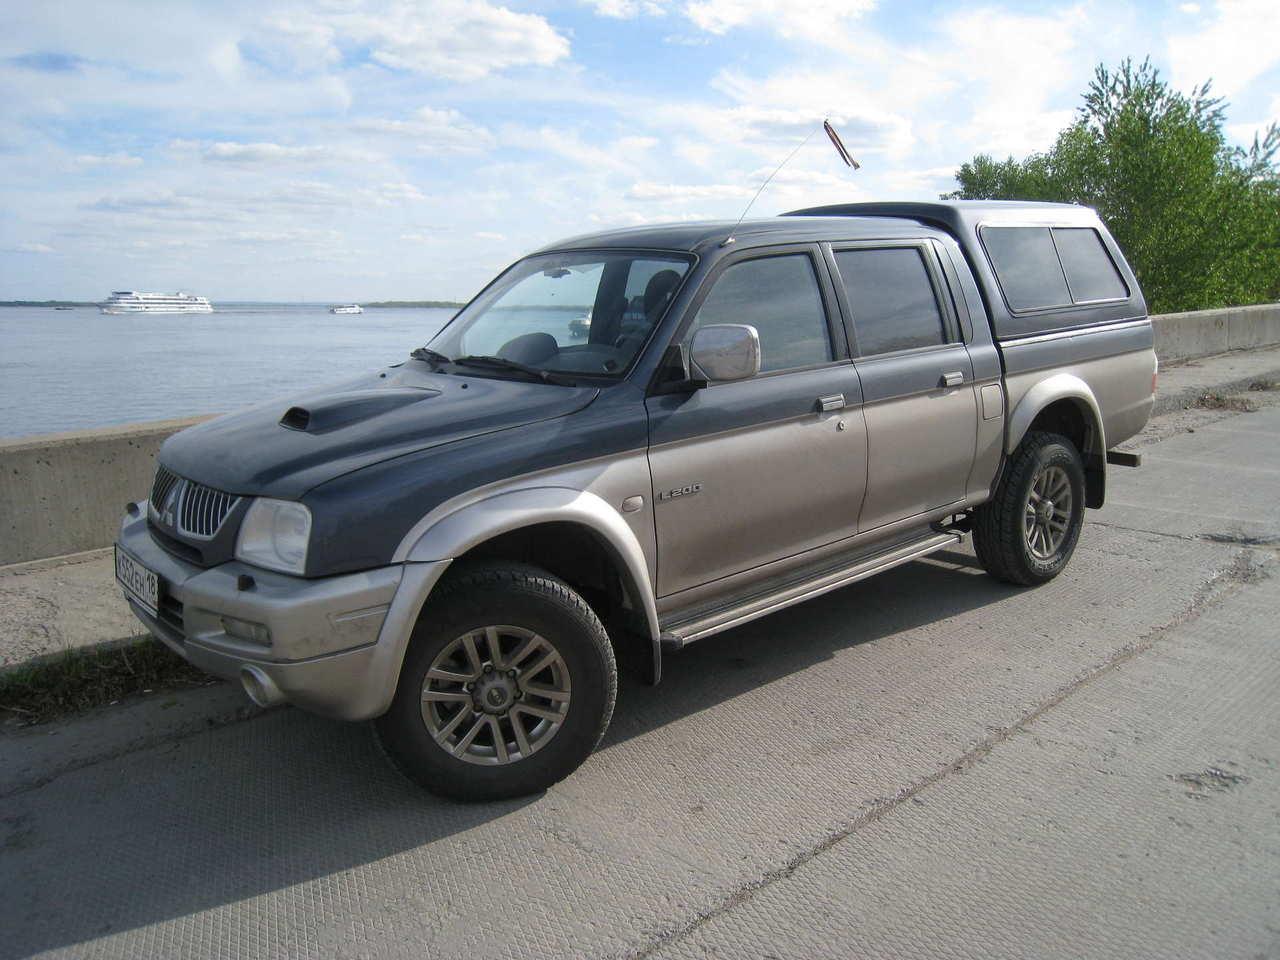 2005 Mitsubishi L200